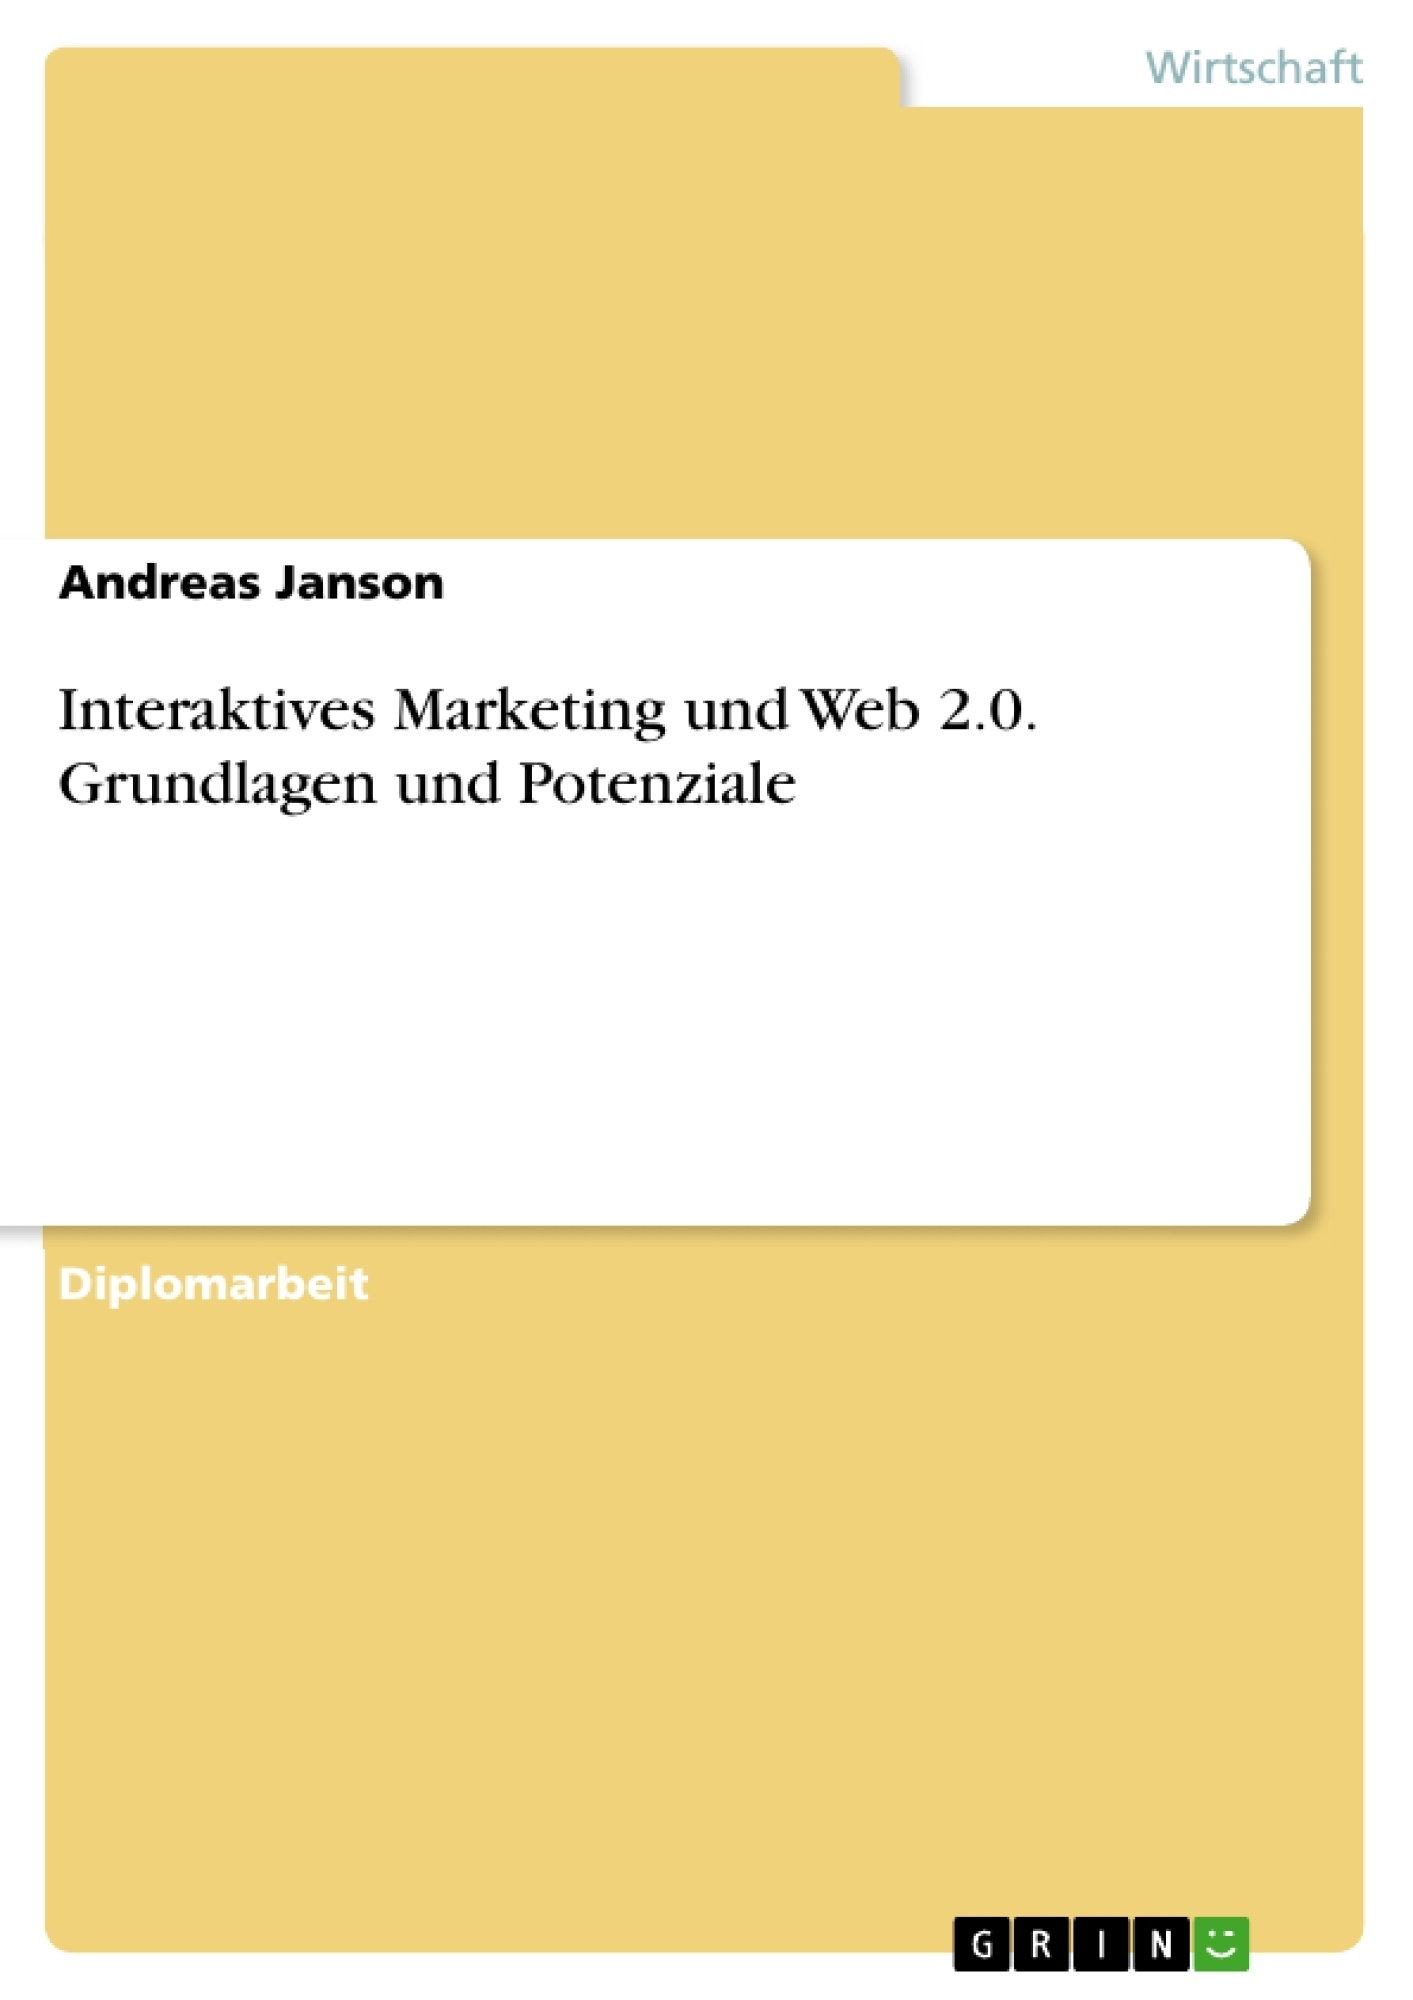 Titel: Interaktives Marketing und Web 2.0. Grundlagen und Potenziale